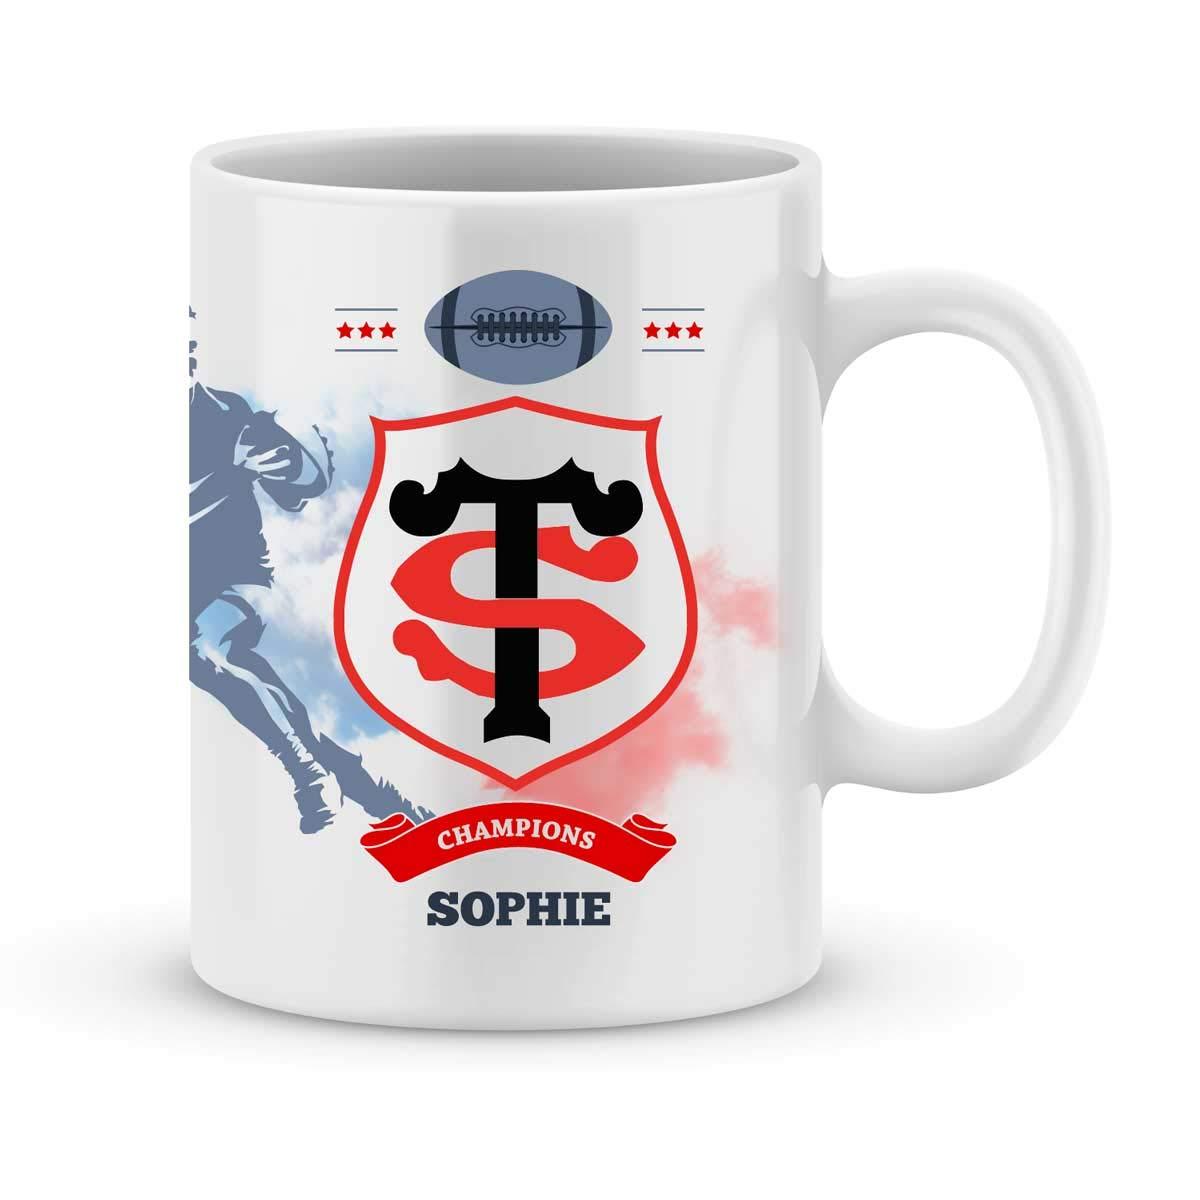 Mug Stade Toulousain Rugby Top 14 à personnalisé avec votre prénom - Cadeau personnalisé rugby top 14 Toulouse - Cadeau anniversaire - Cadeau fête des pères - Cadeau Noël